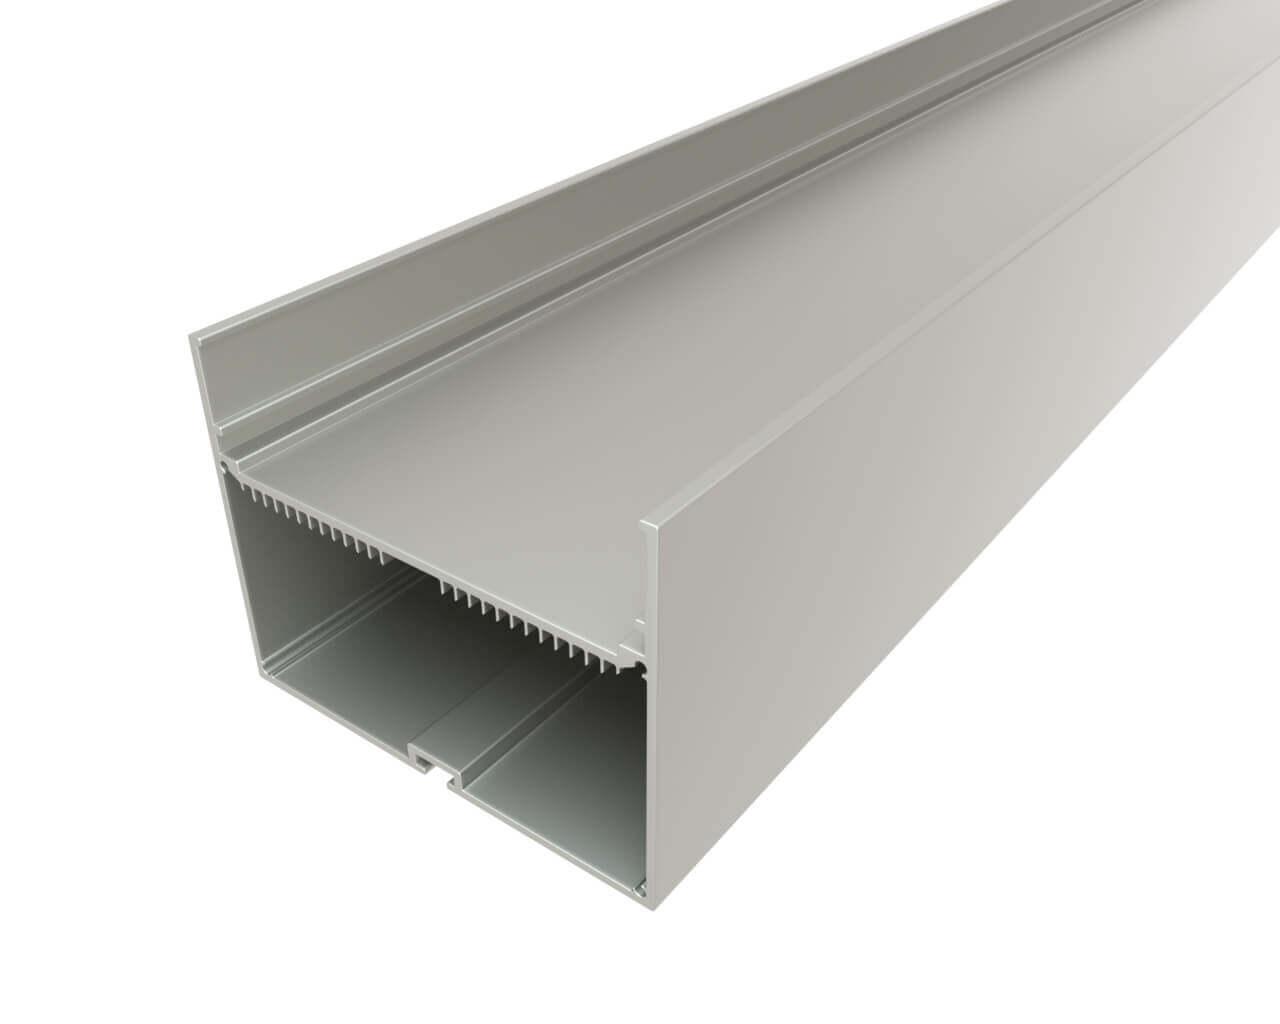 Профиль накладной алюминиевый LC-LP-76100-2 Anod